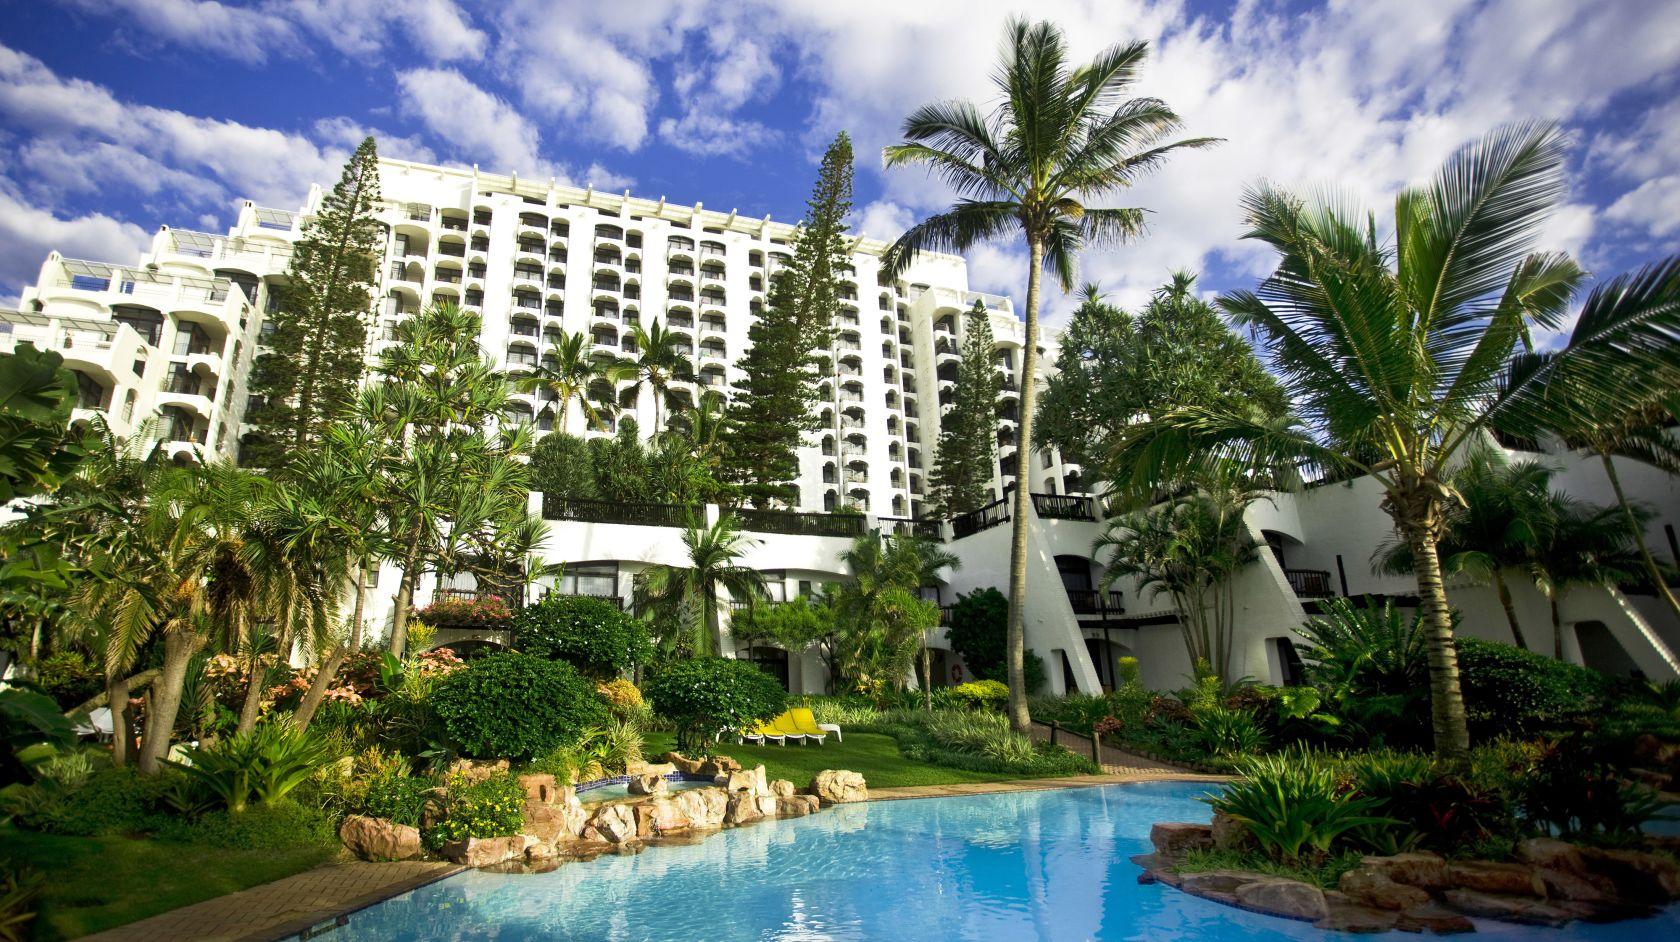 Cabana Beach Resort Umhlanga Rocks For Al R11000